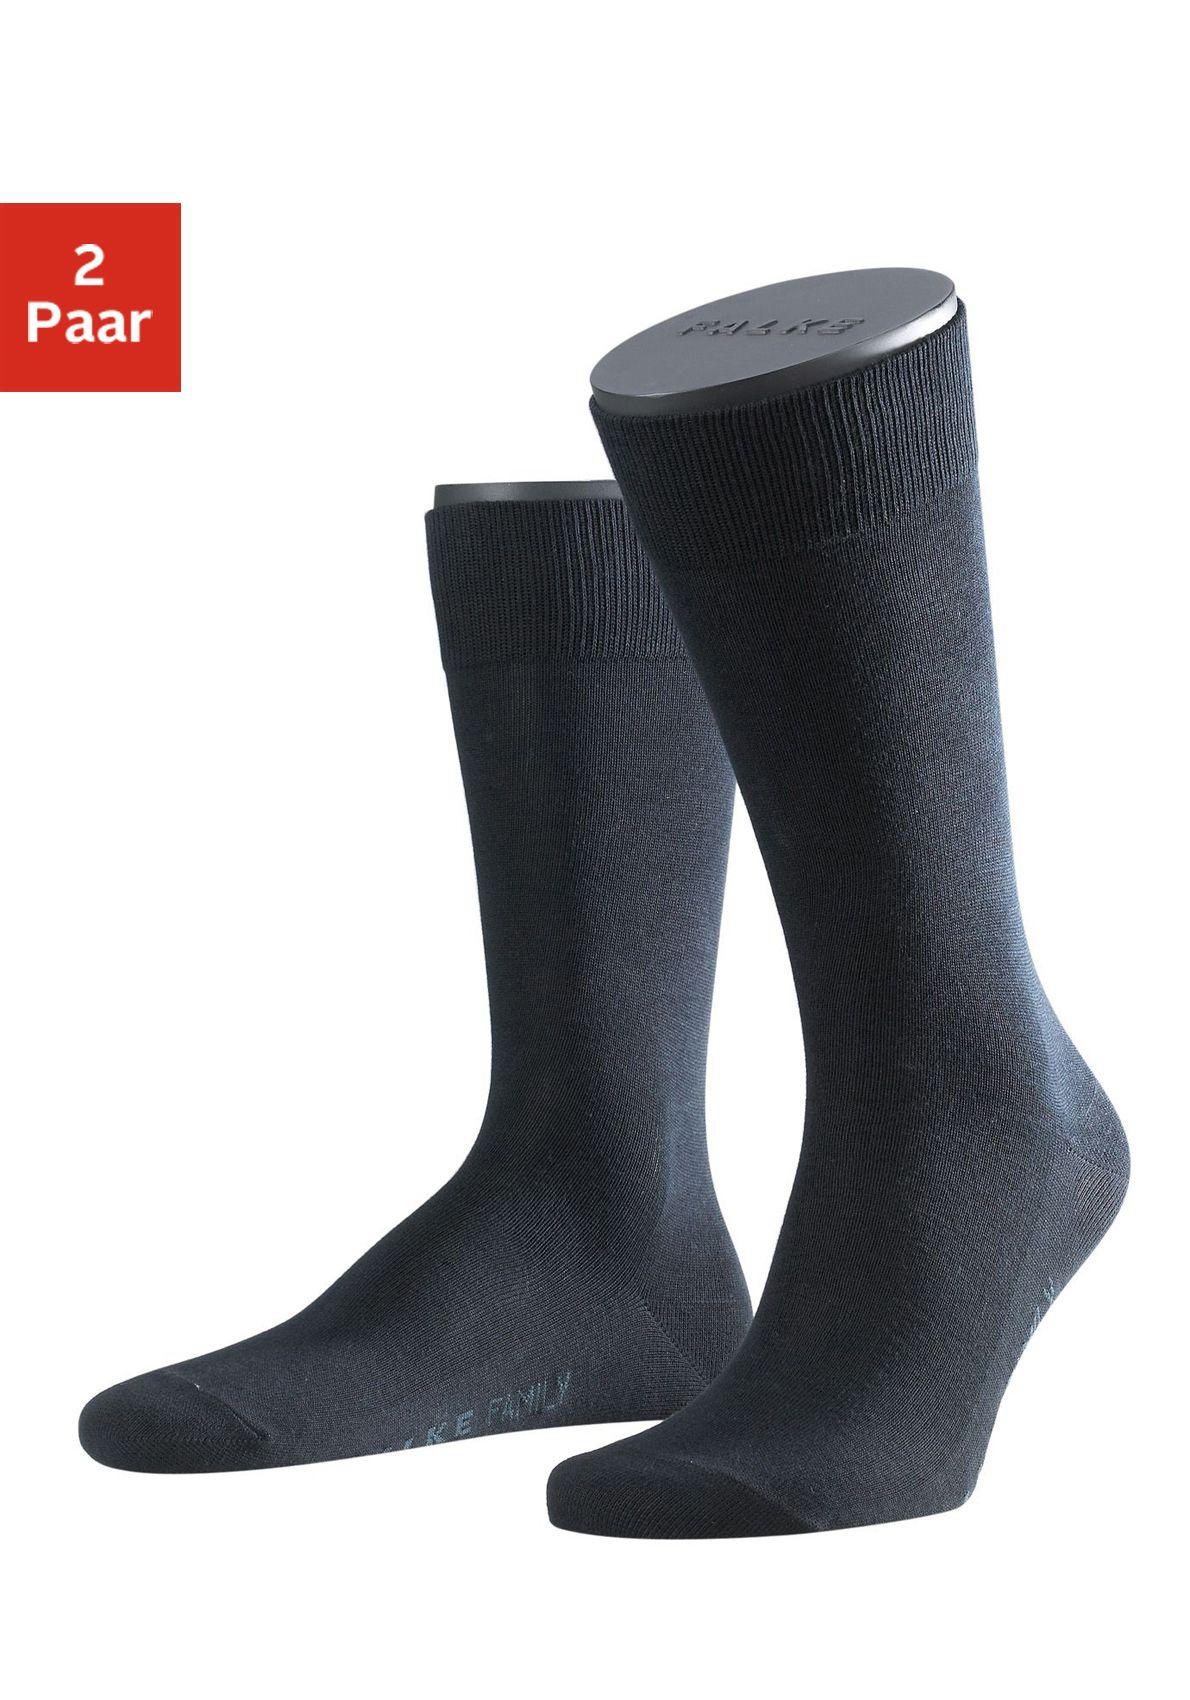 FALKE Falke Socken »Family« (2 Paar) mit extrahohem Baumwollanteil